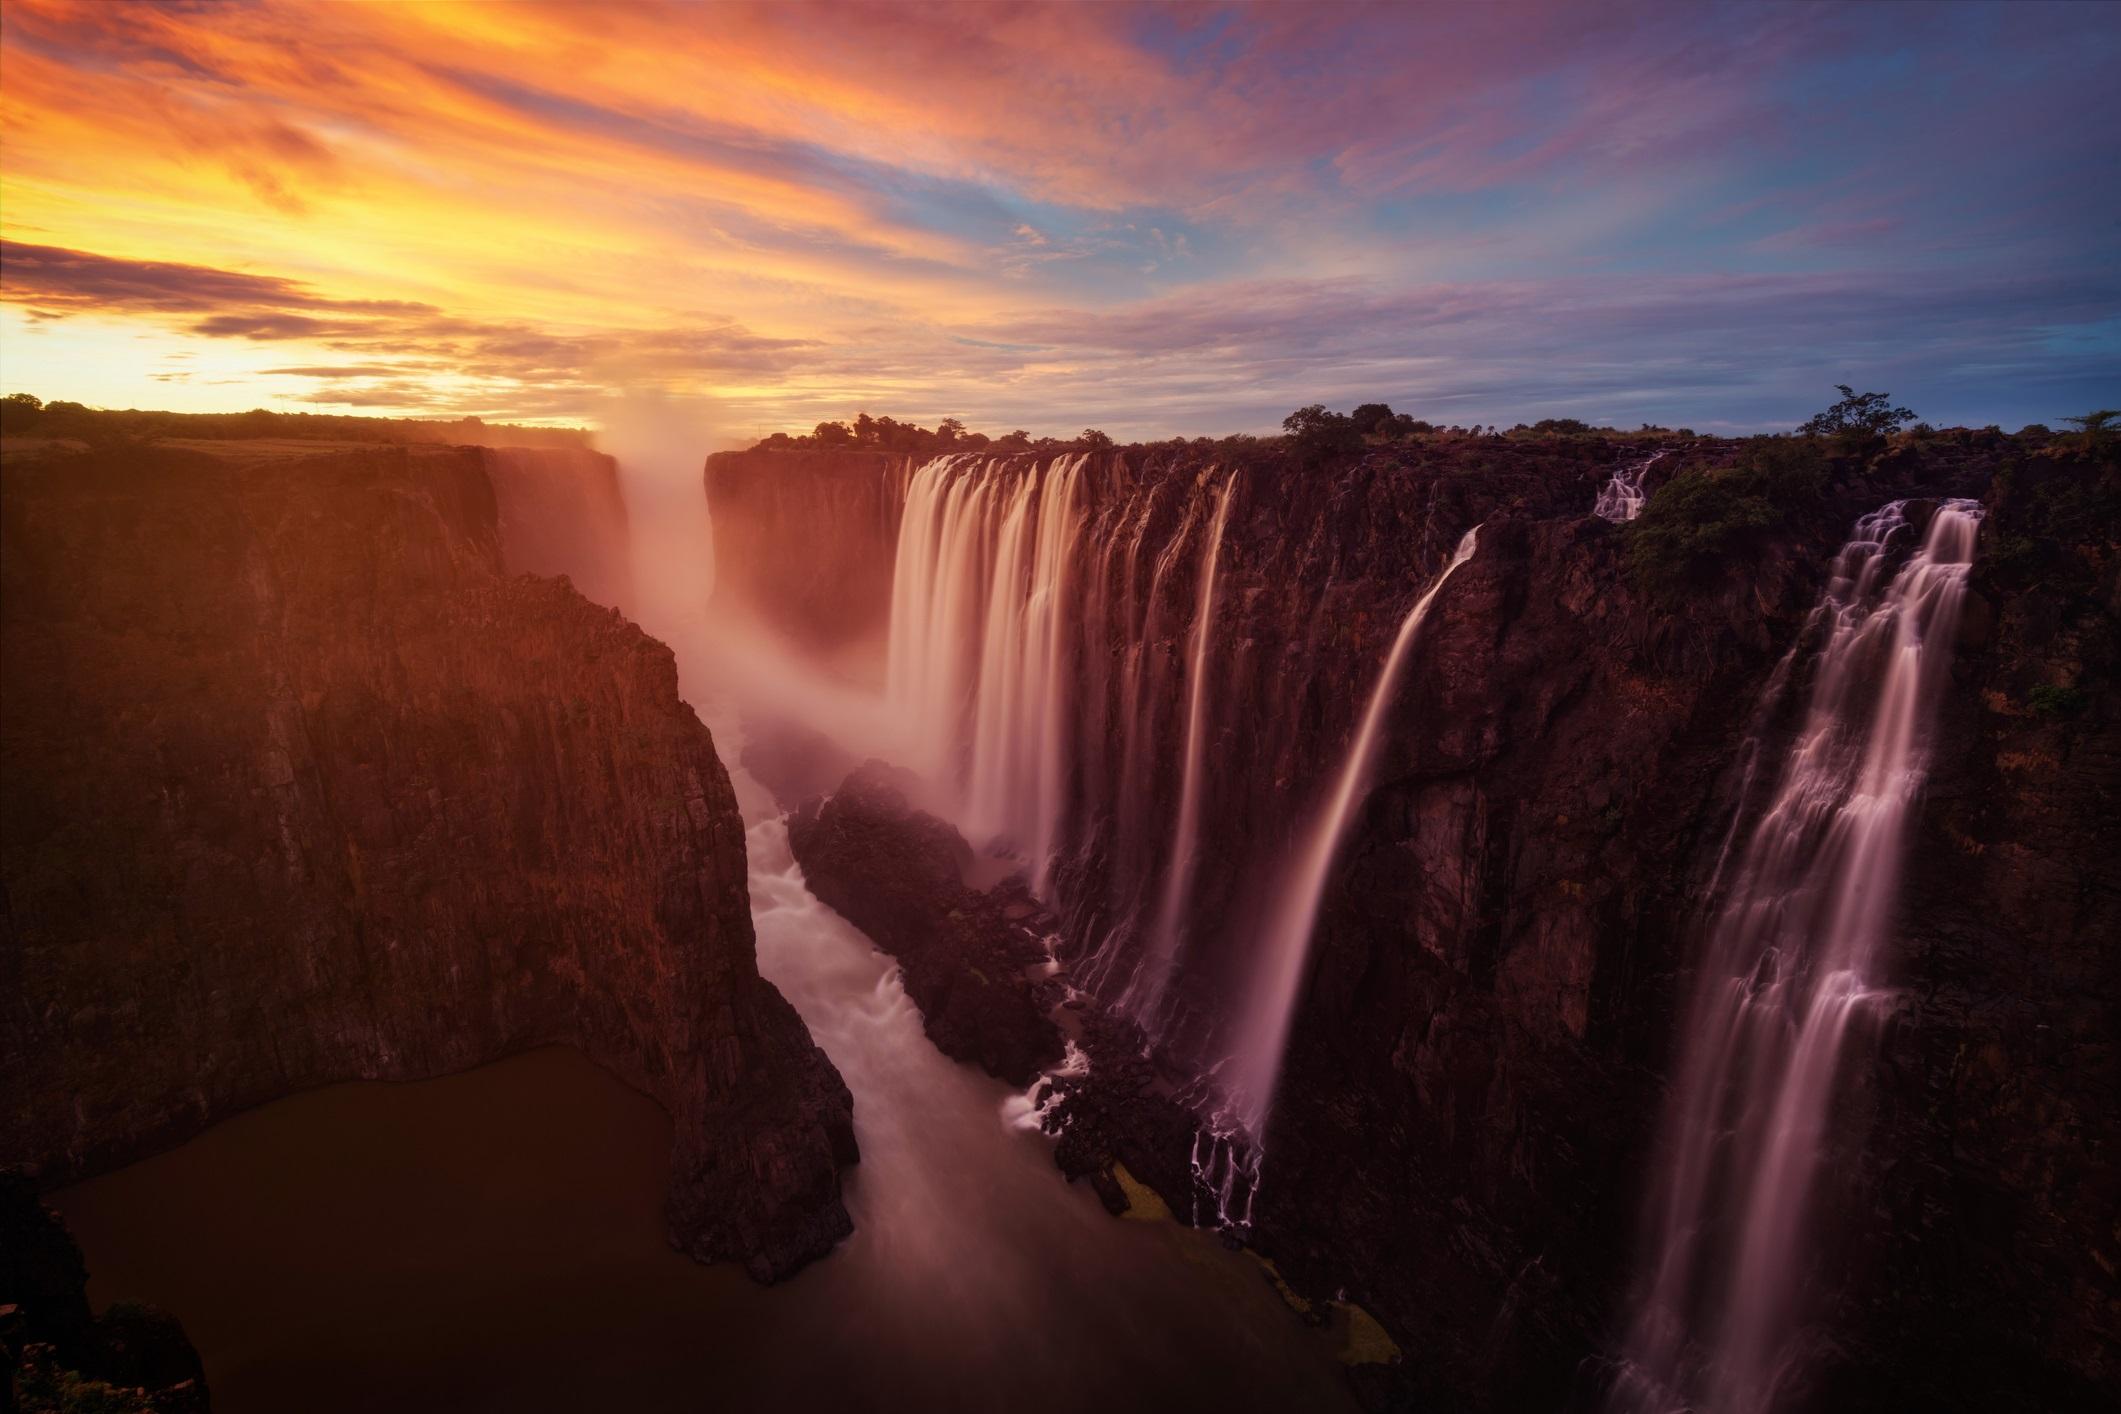 <p><strong>Виктория, Замбия и Зимбабве</strong></p>  <p>Групата водопади Виктория, включени в списъка на ЮНЕСКО със световното културно и природно наследство, се намира на река Замбези между африканските държави Замбия и Зимбабве. На това място водите падат от височина 100 метра и образуват водна стена с дължина 1708 метра, което прави Виктория в най-широкия водопад в света.</p>